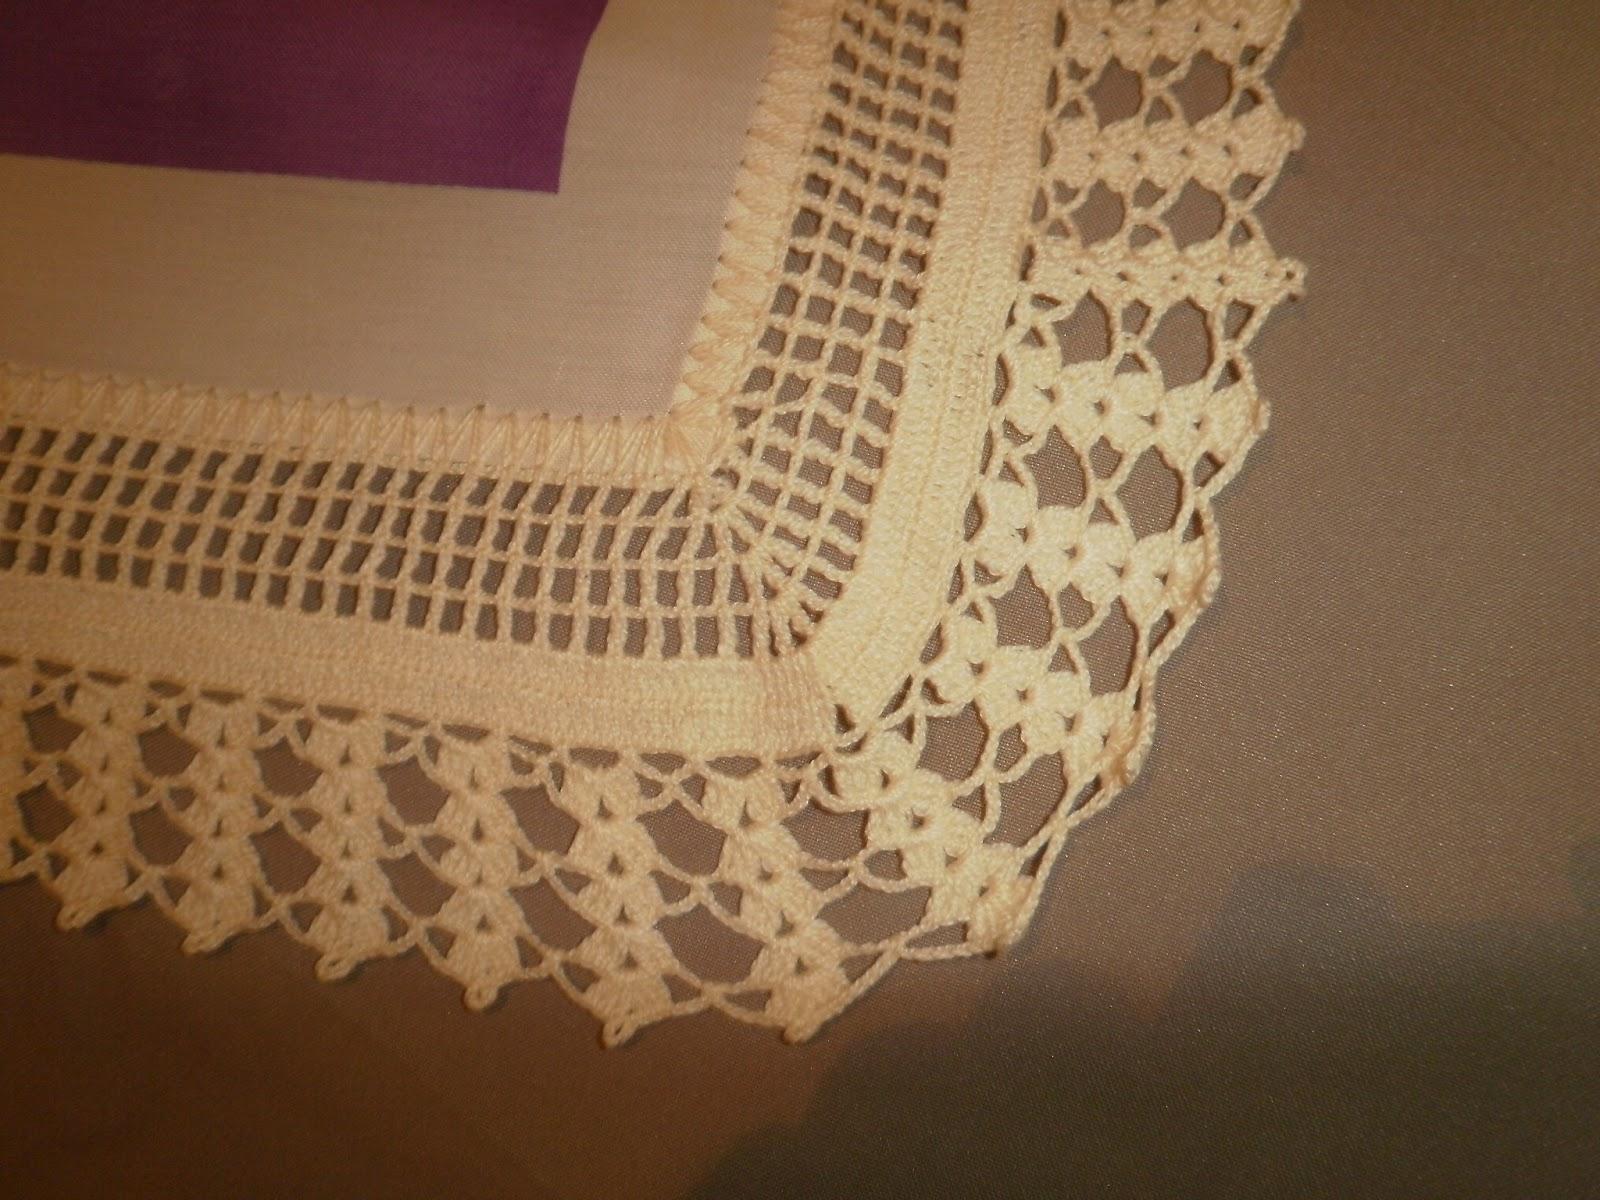 Como Fazer Bicos De Croche De Canto Consejos De Fotografía #442B1A 1600x1200